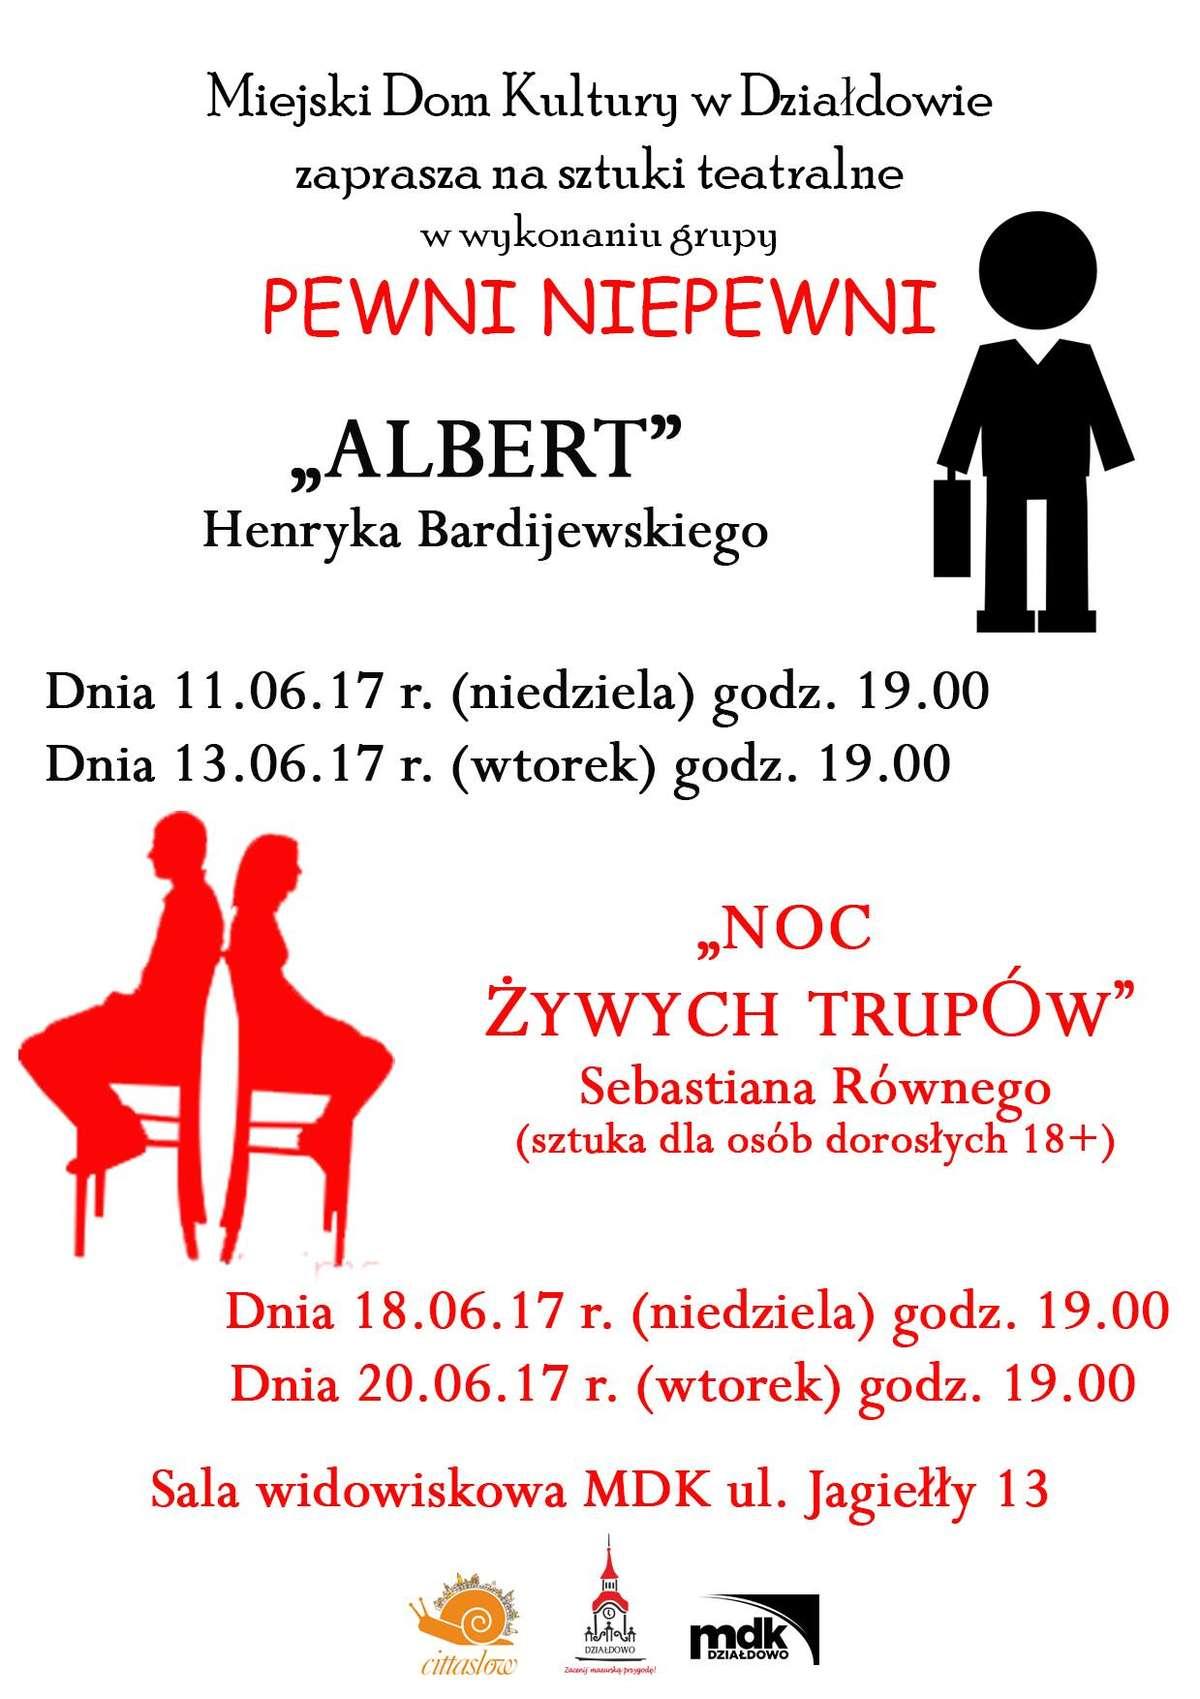 Albert i Noc żywych trupów - spektakle teatralne w MDK w Działdowie - full image